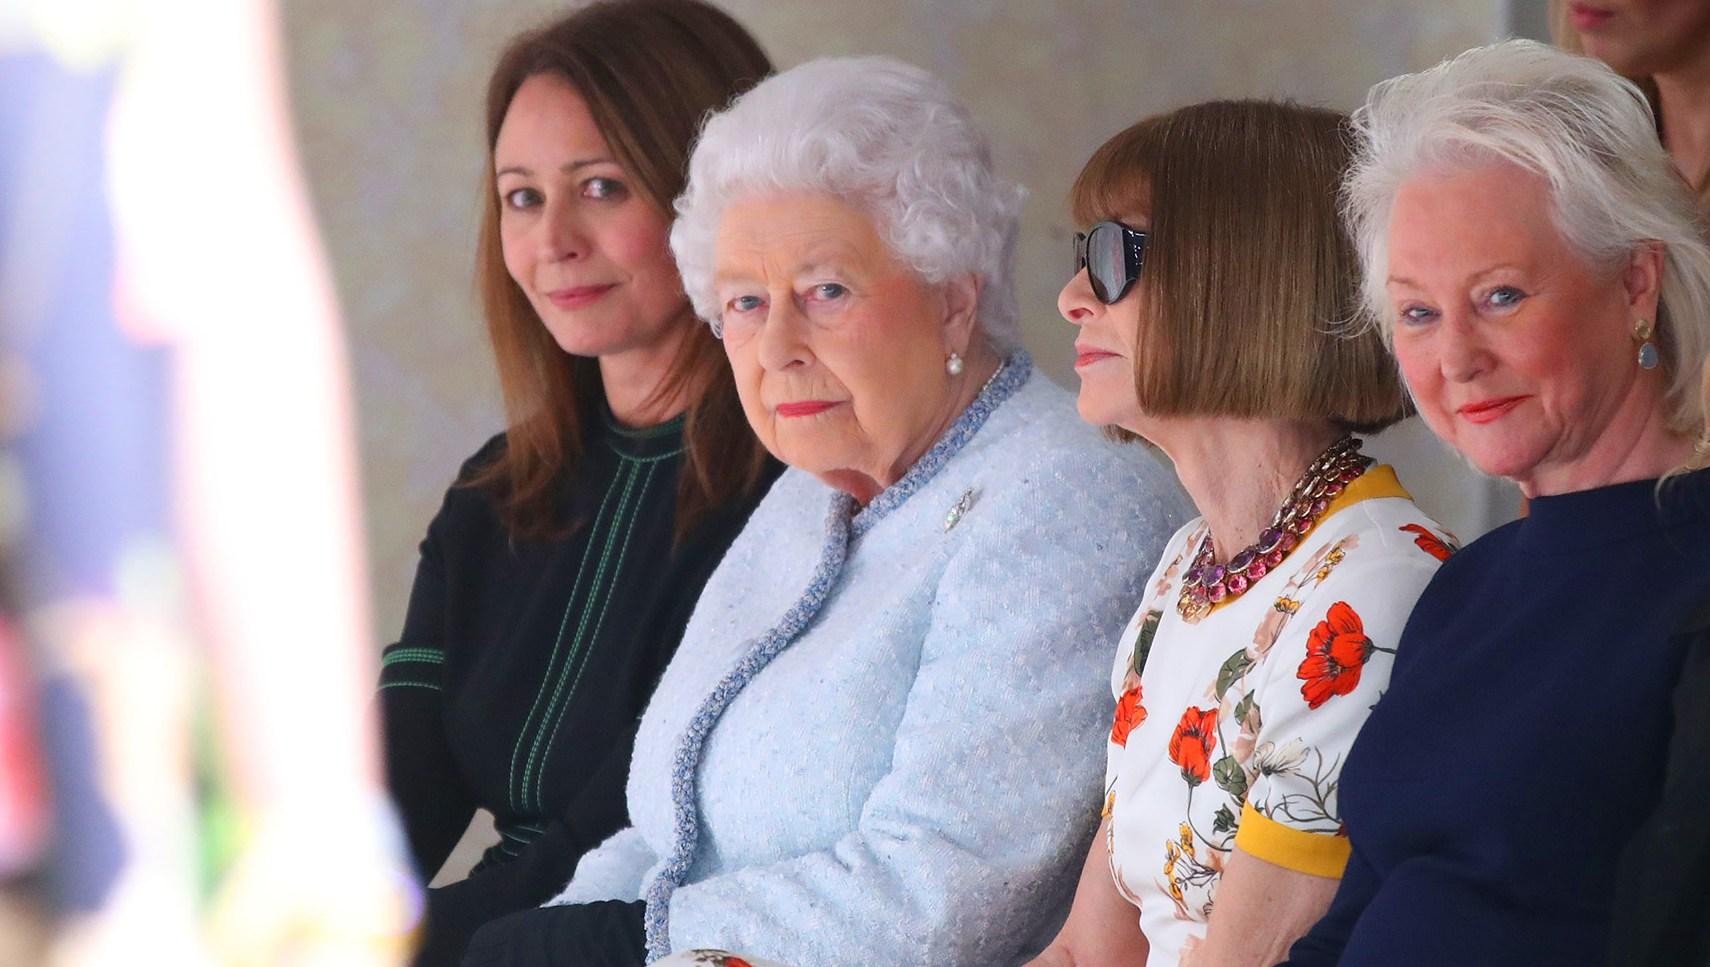 Queen Elizabeth II attends the Richard Quinn show